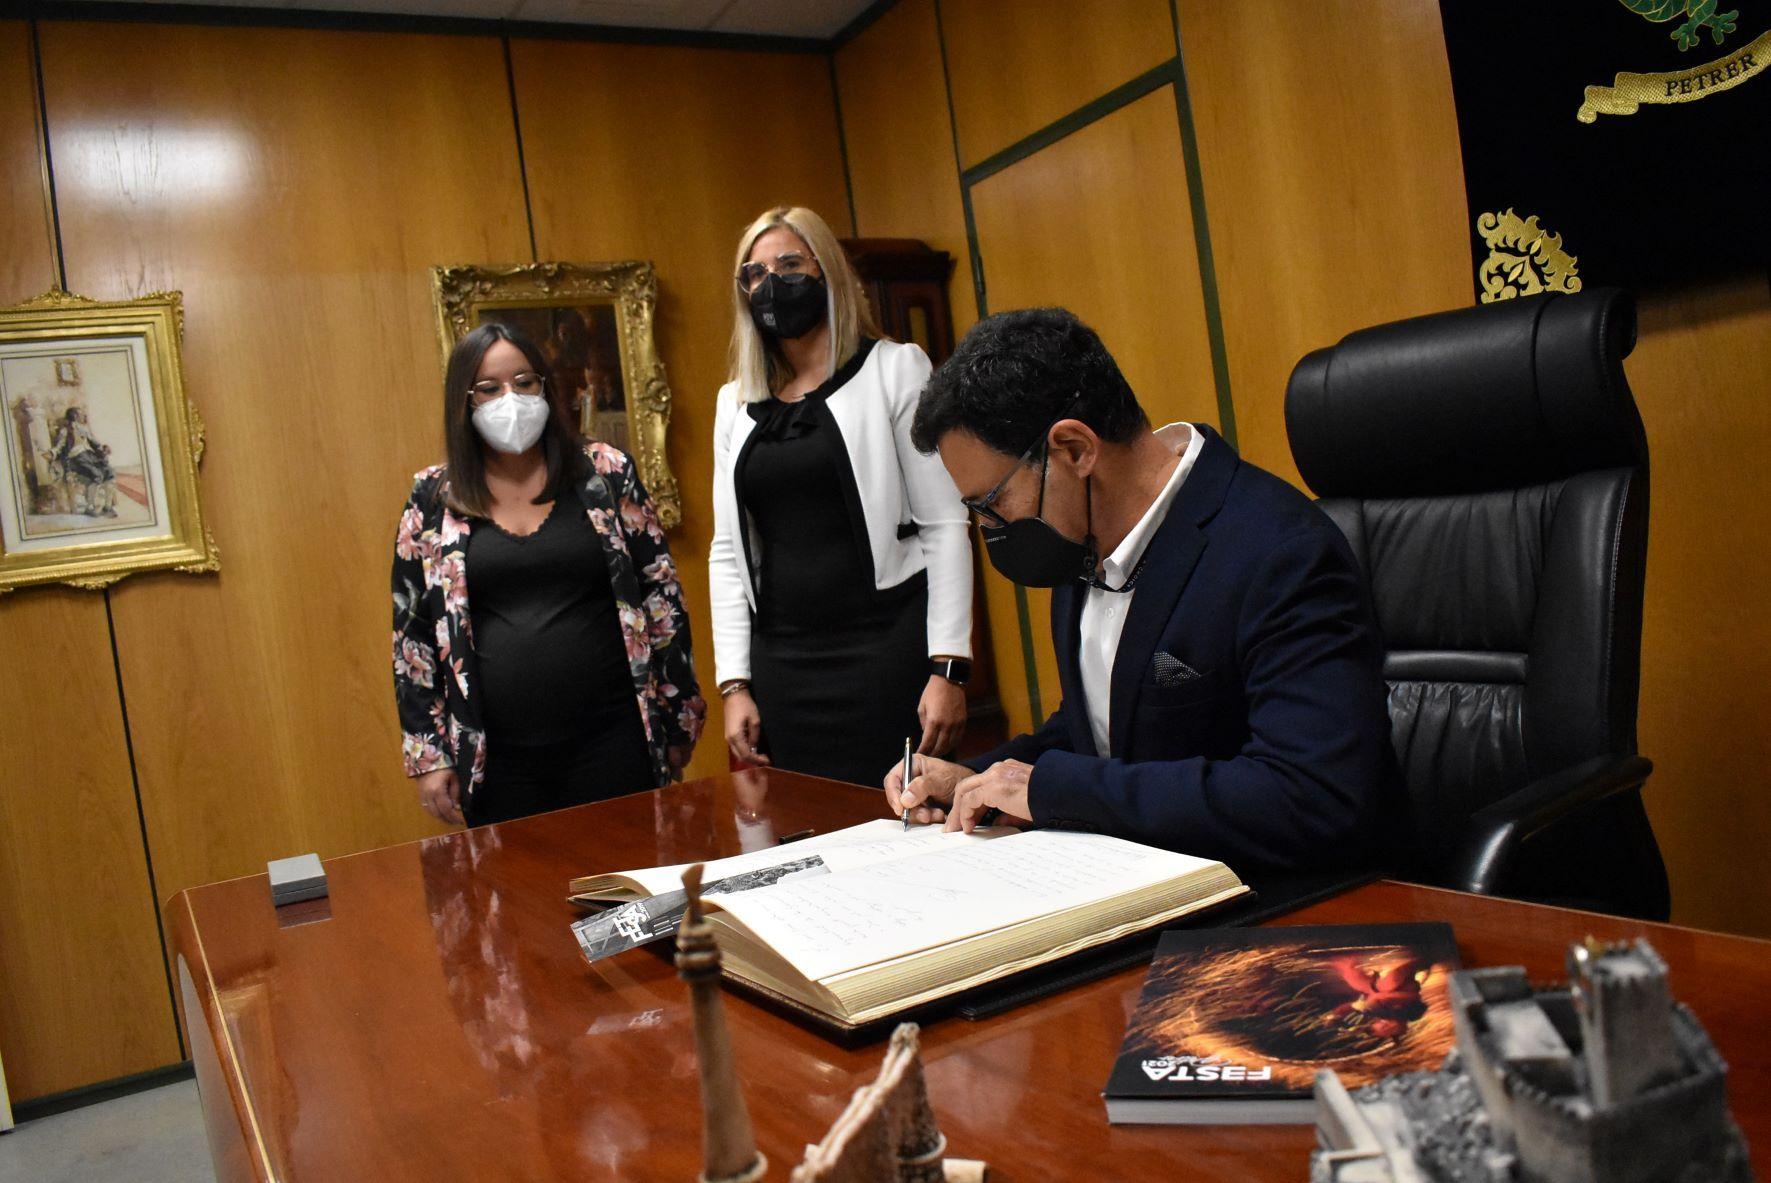 El pregonero fue recibido en alcaldía, donde firmó en el libro de honor del Ayuntamiento de Petrer